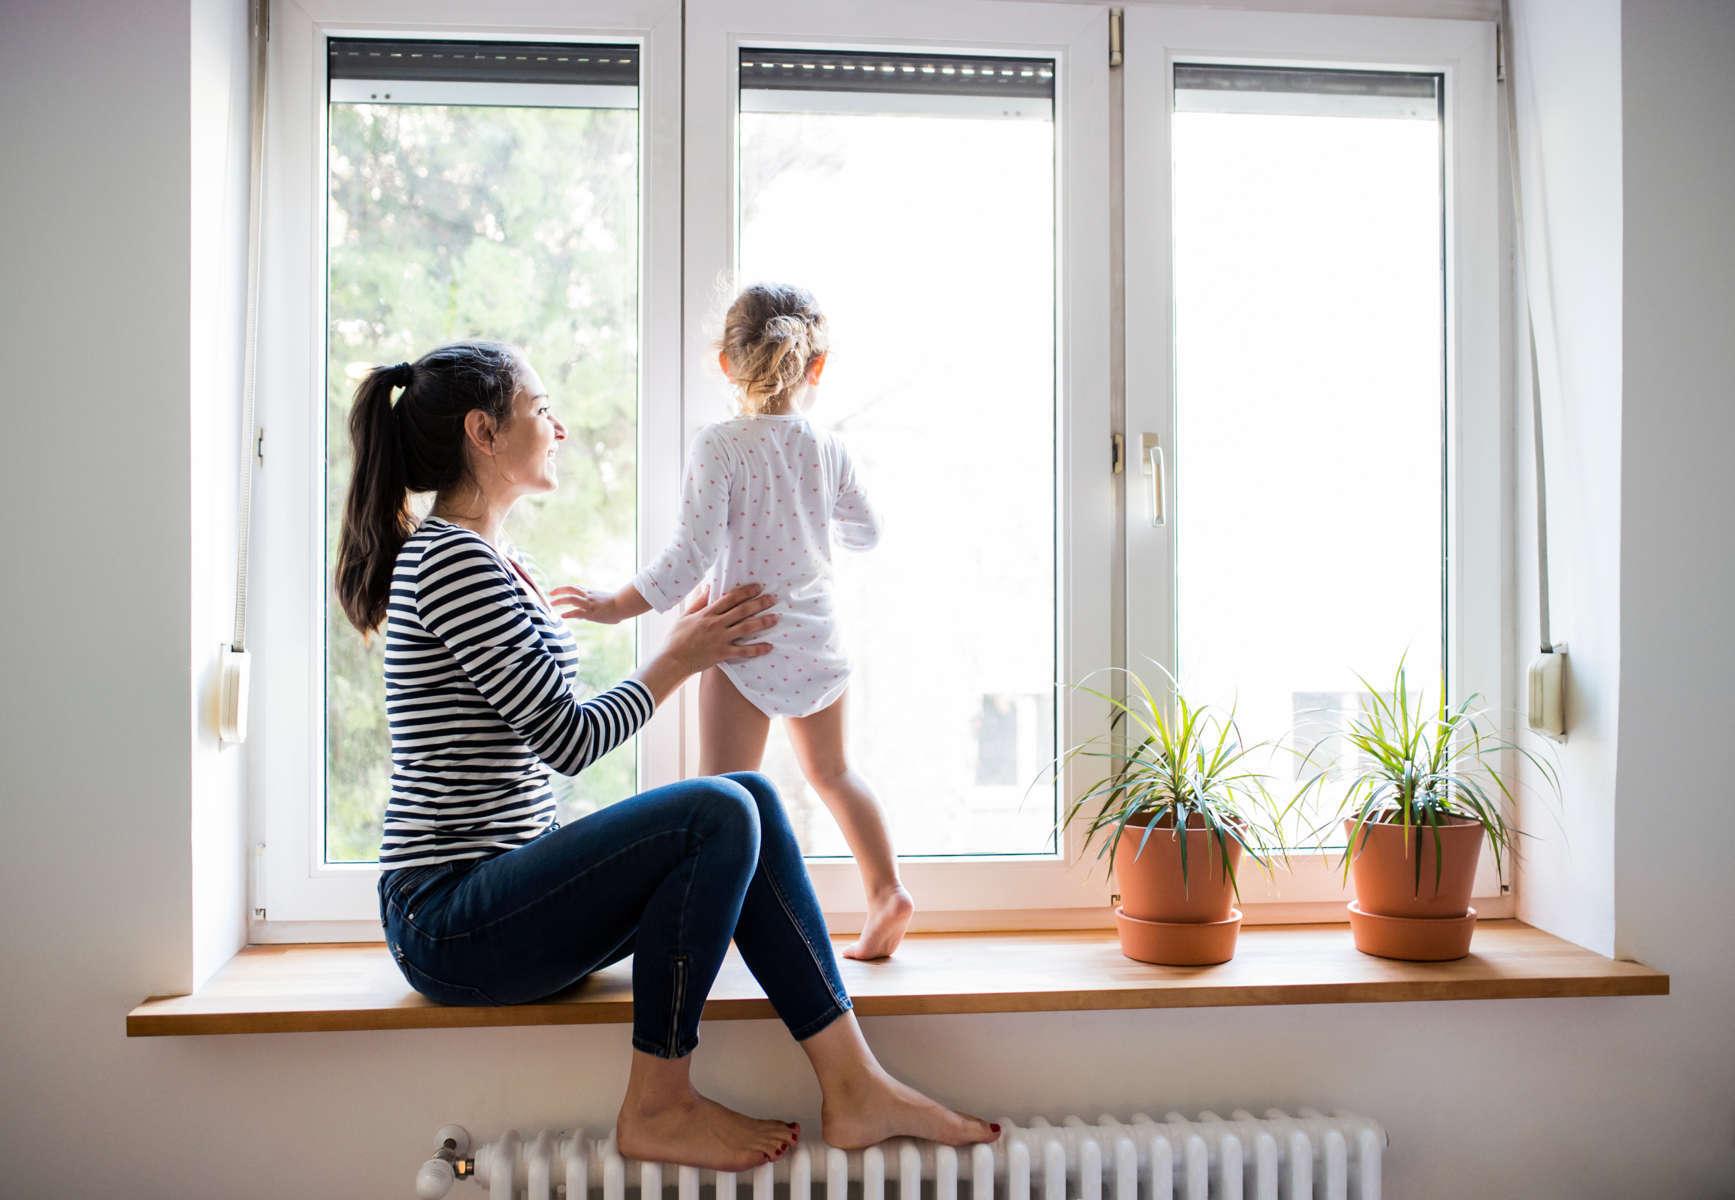 Mantener a los niños en contacto con la luz solar es indispensable para su crecimiento